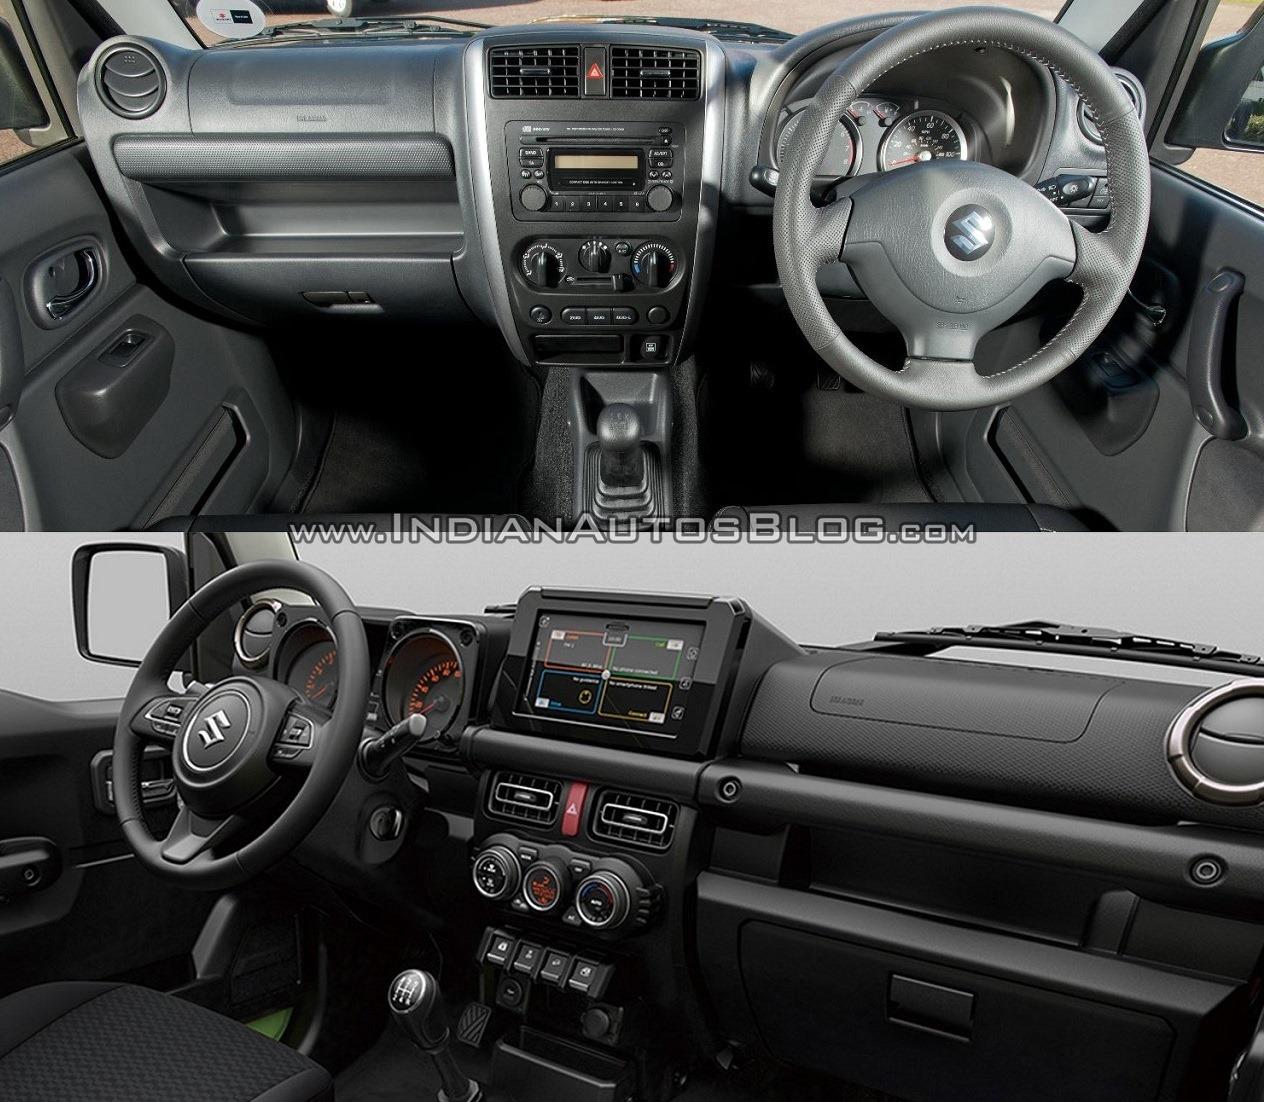 2015 Suzuki Jimny vs 2019 Suzuki Jimny - Old vs. New